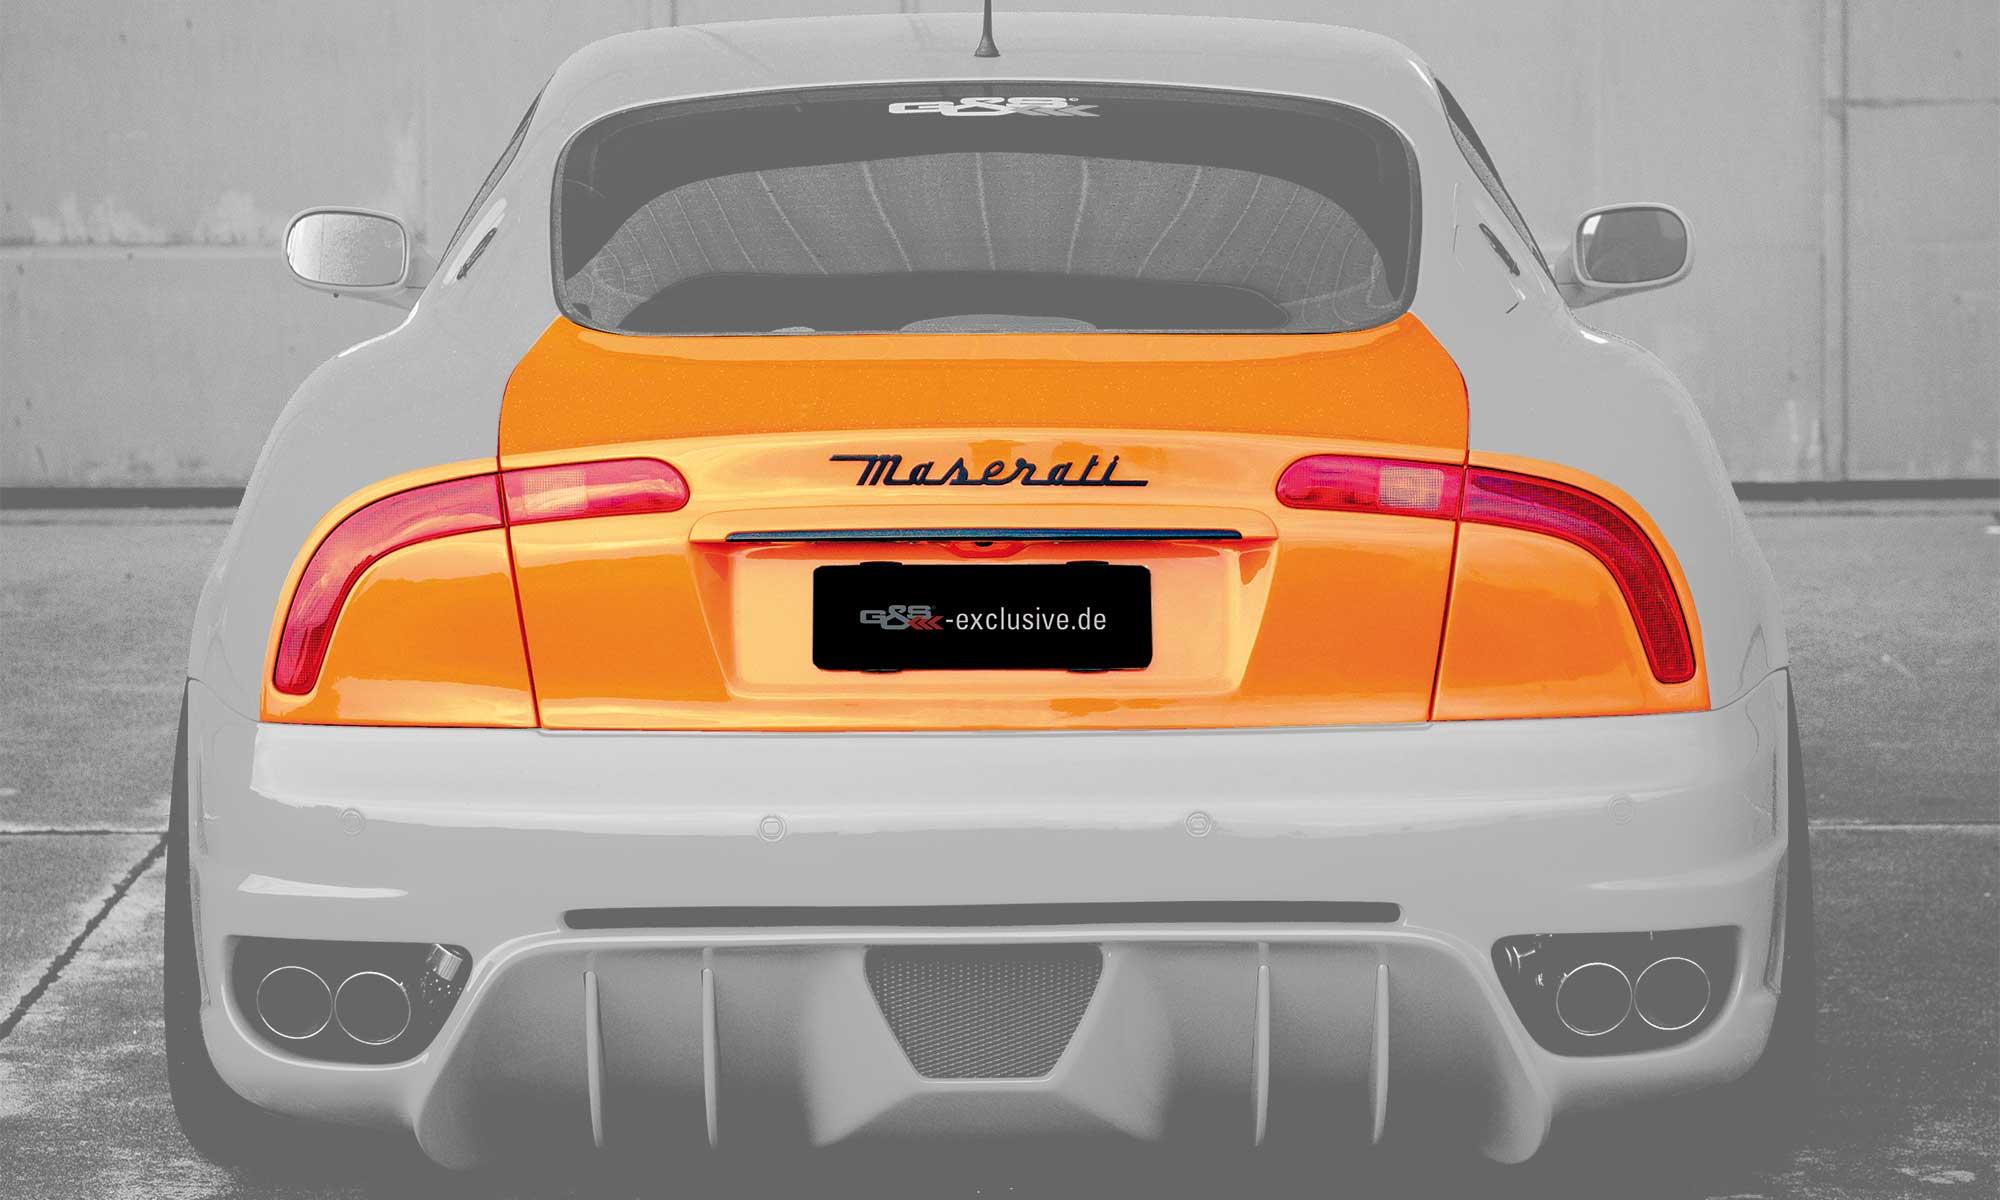 Heckumbausatz 3200 für Maserati 4200 EVO